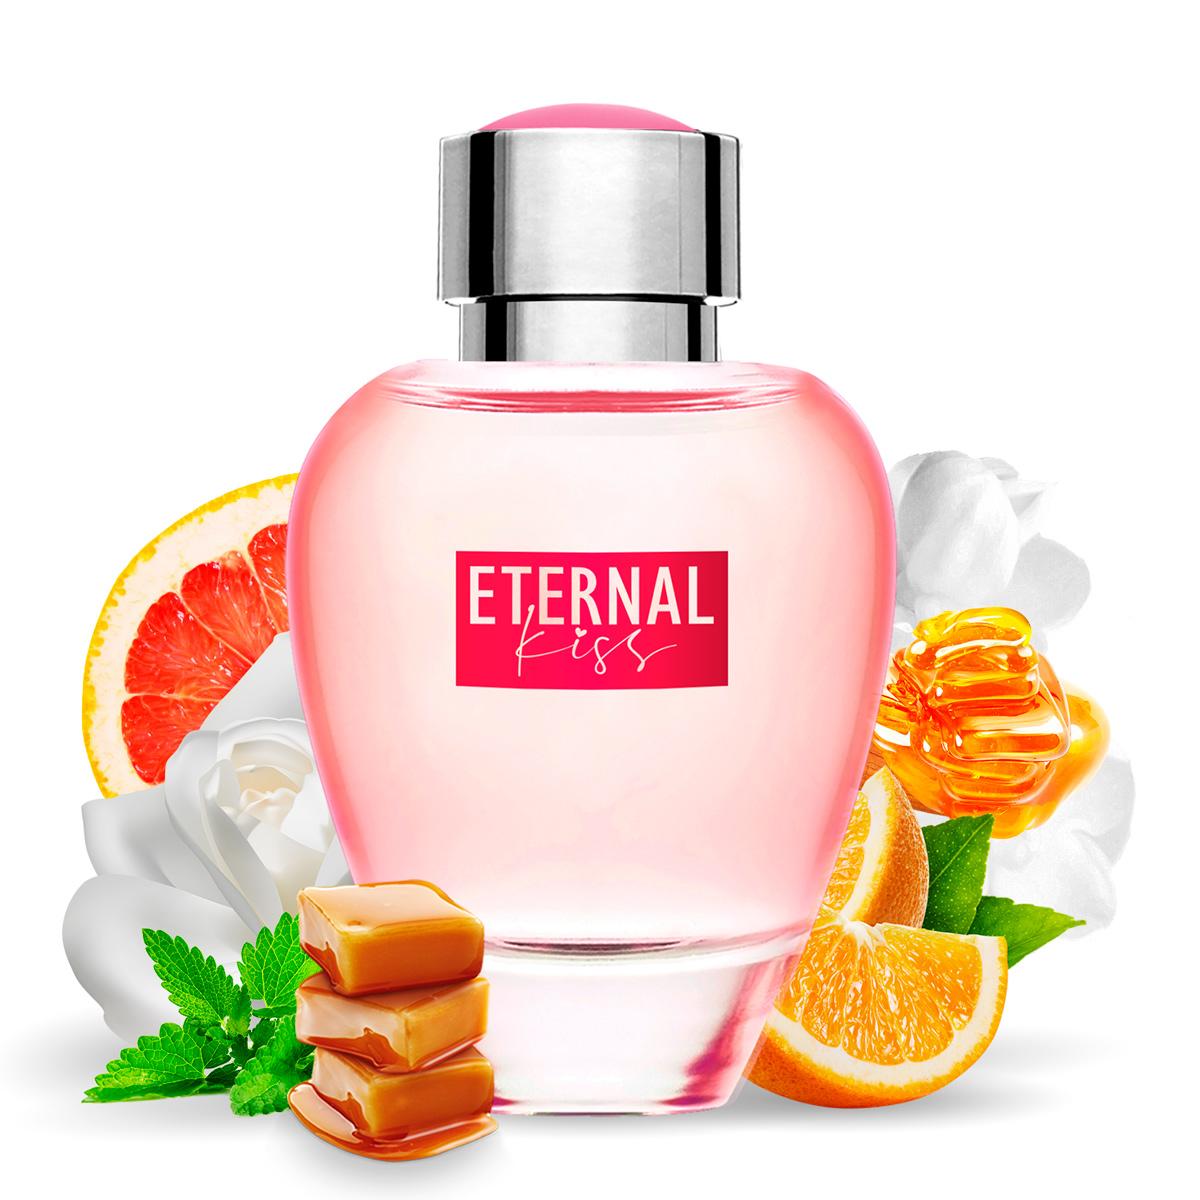 Kit 2 Perfumes Importados Sweet Hope e Eternal Kiss La Rive